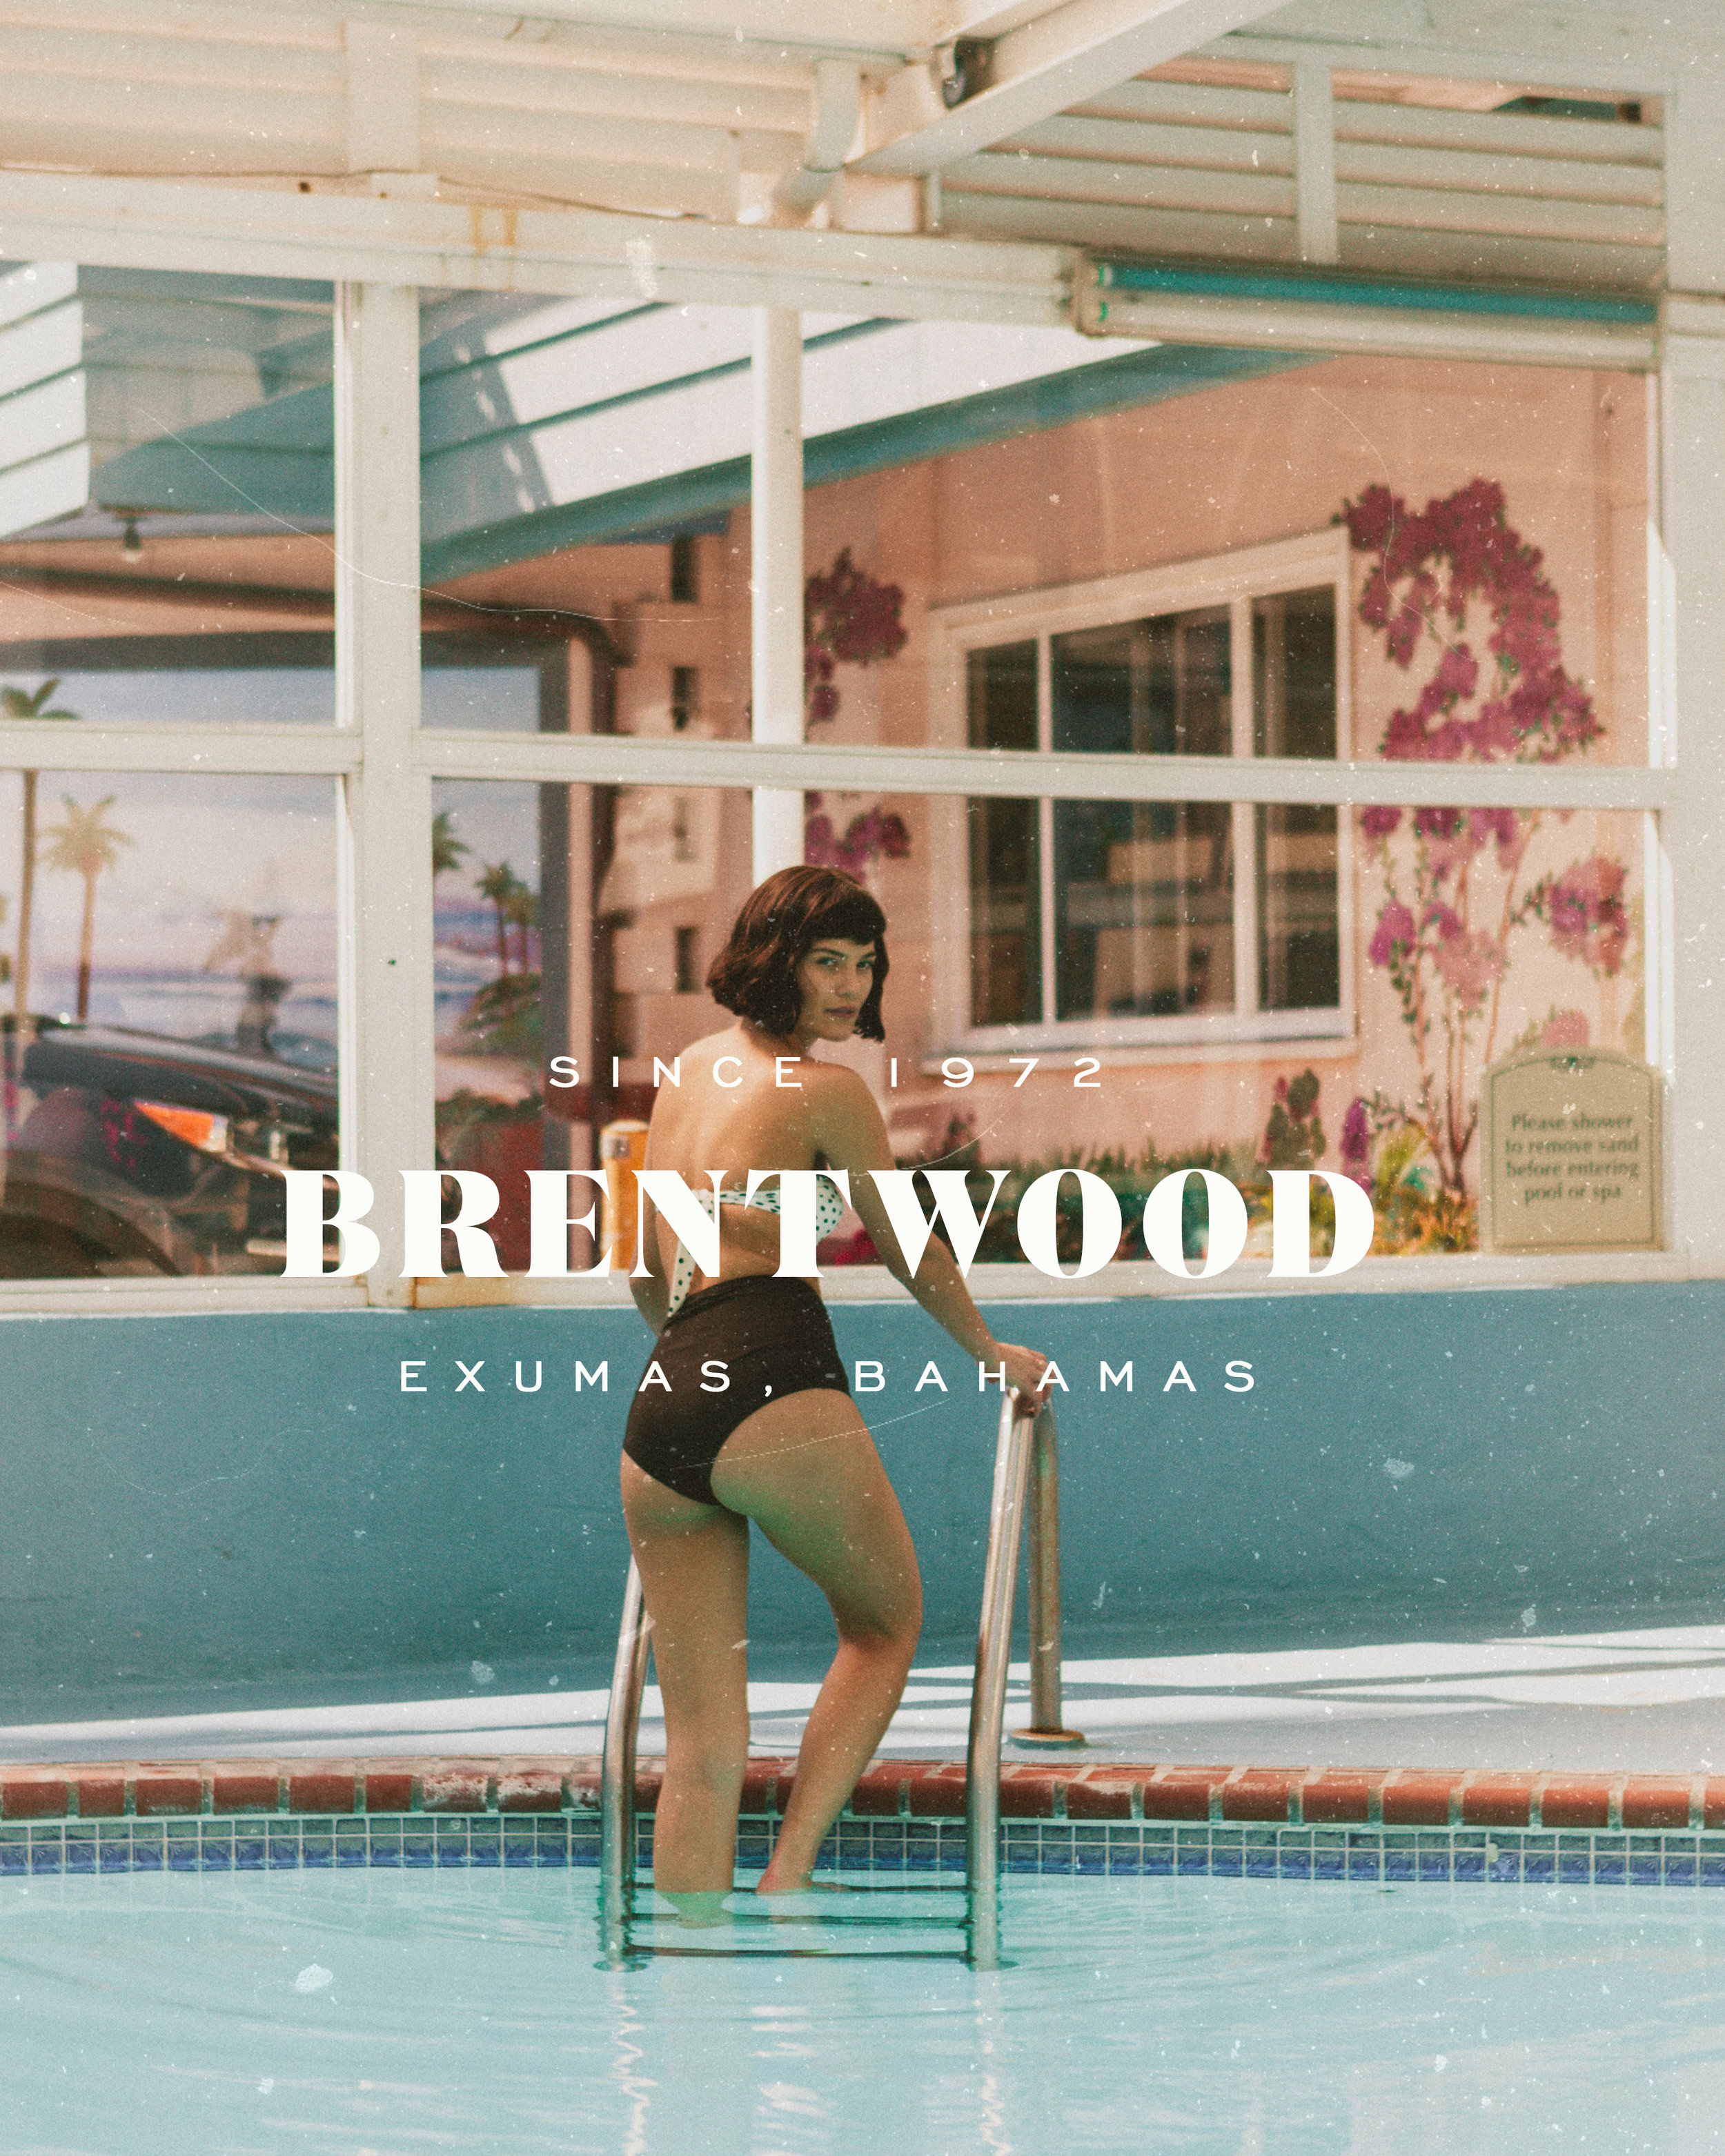 brentwood.jpg